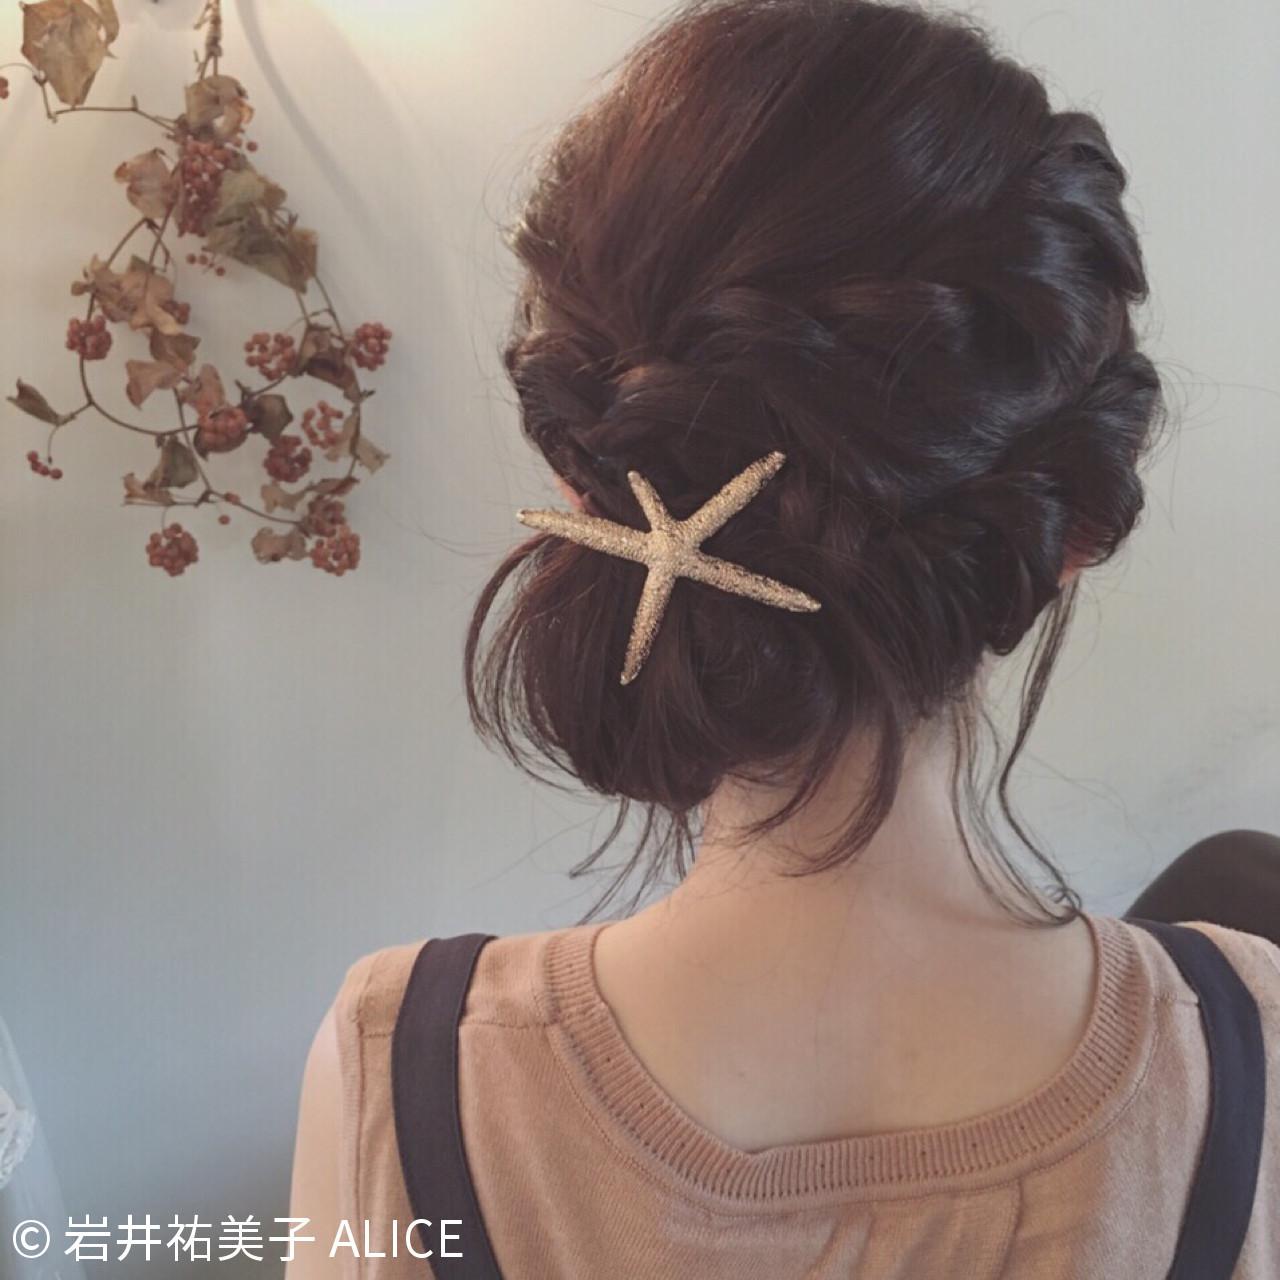 ストレートの髪もすっきりまとめて☆ねじりアレンジ 岩井祐美子 ALICE